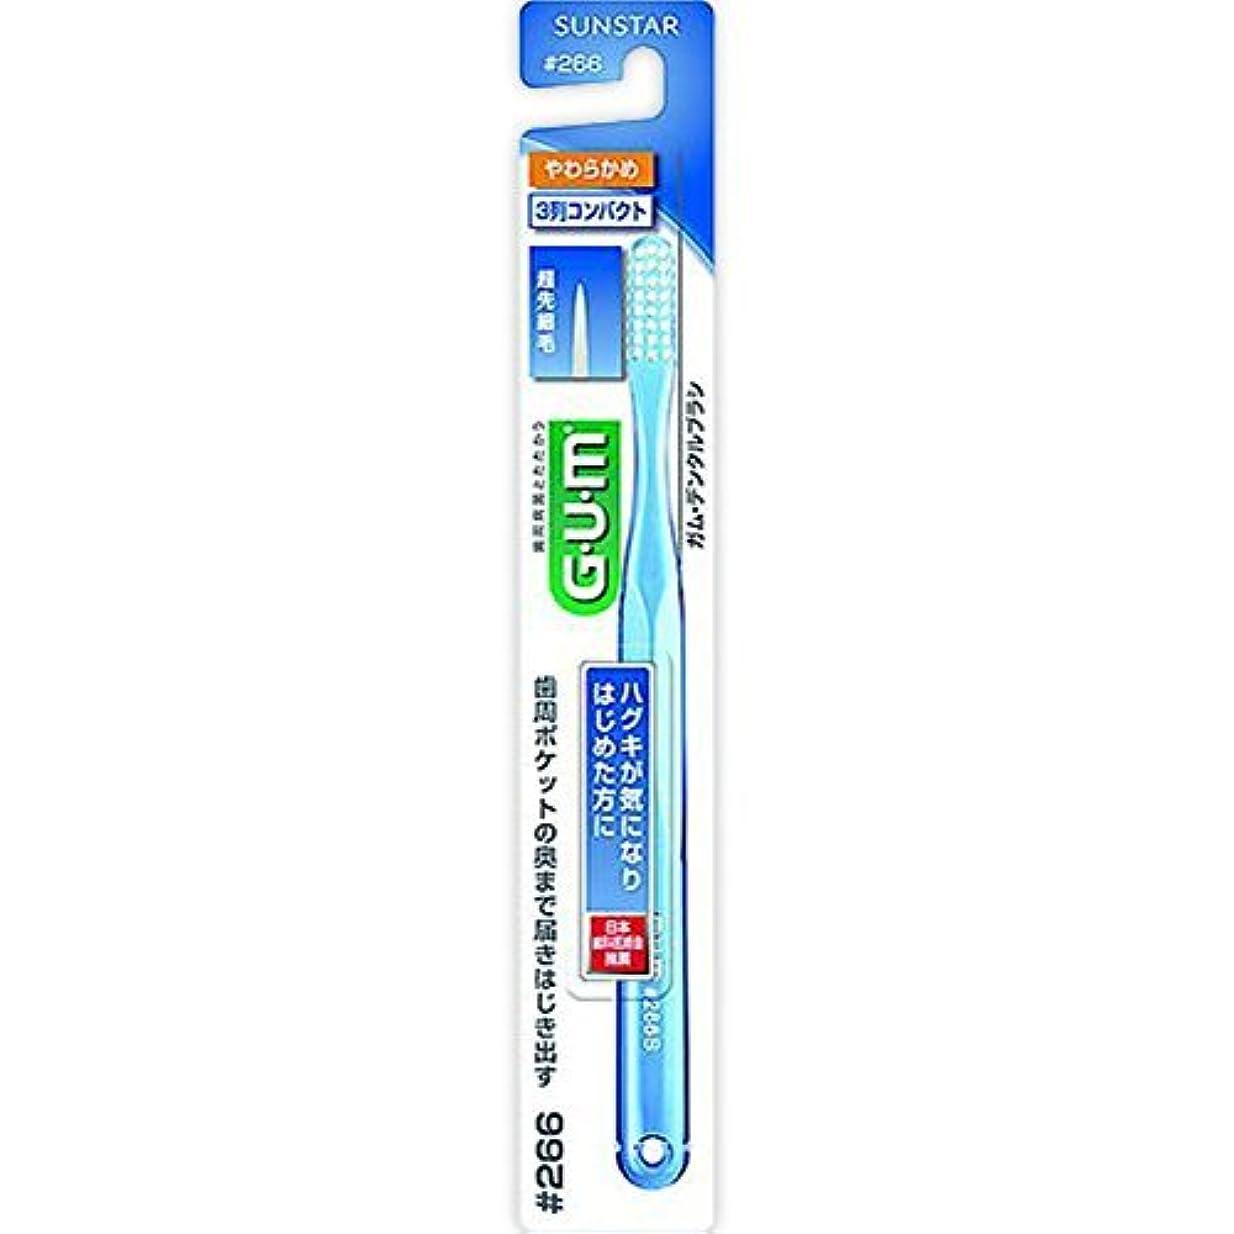 やりすぎ銀行着飾る【まとめ買い】GUM デンタルブラシ コンパクトヘッド ウルトラソフト #266 ×2セット